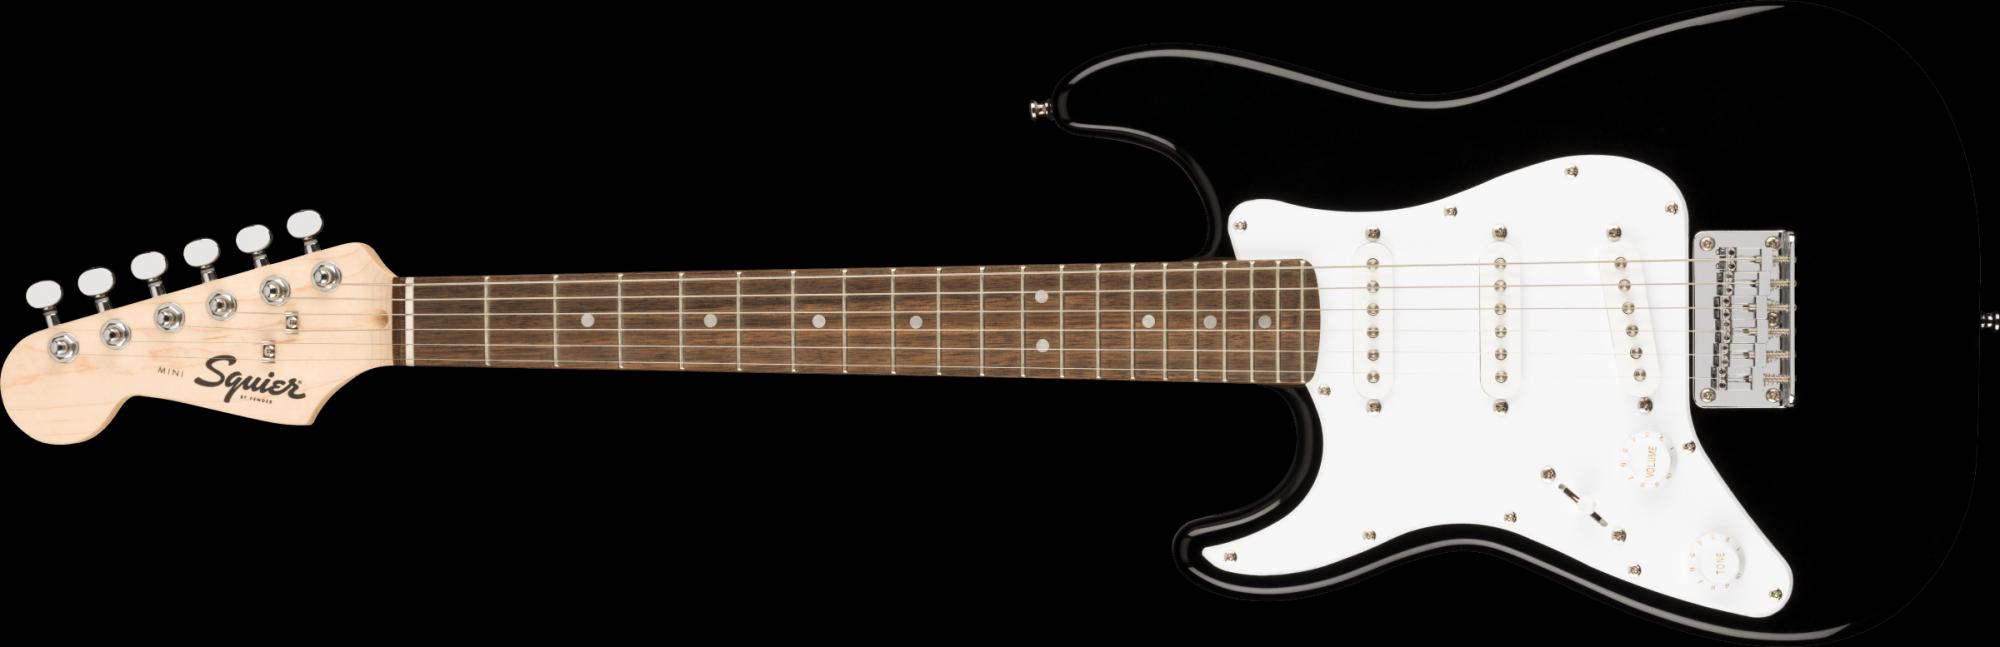 Fender/Squier Mini Stratocaster Left-Handed, Laurel Fingerboard, Black